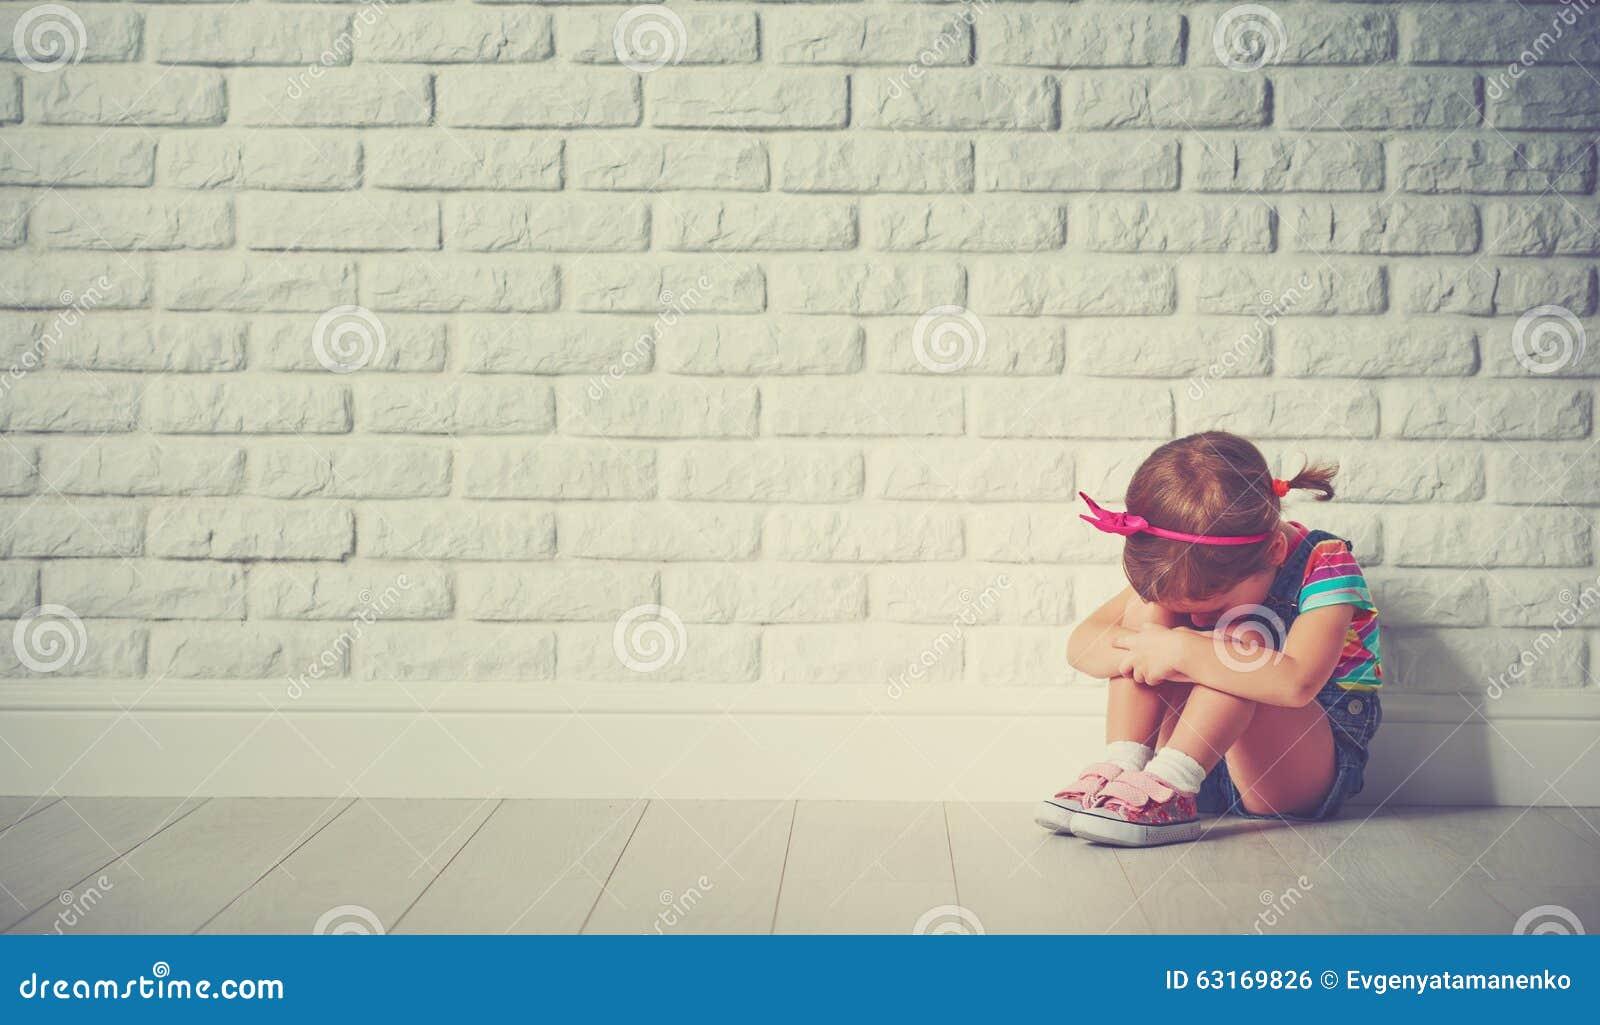 Fille de petit enfant pleurant et triste au sujet du mur de briques